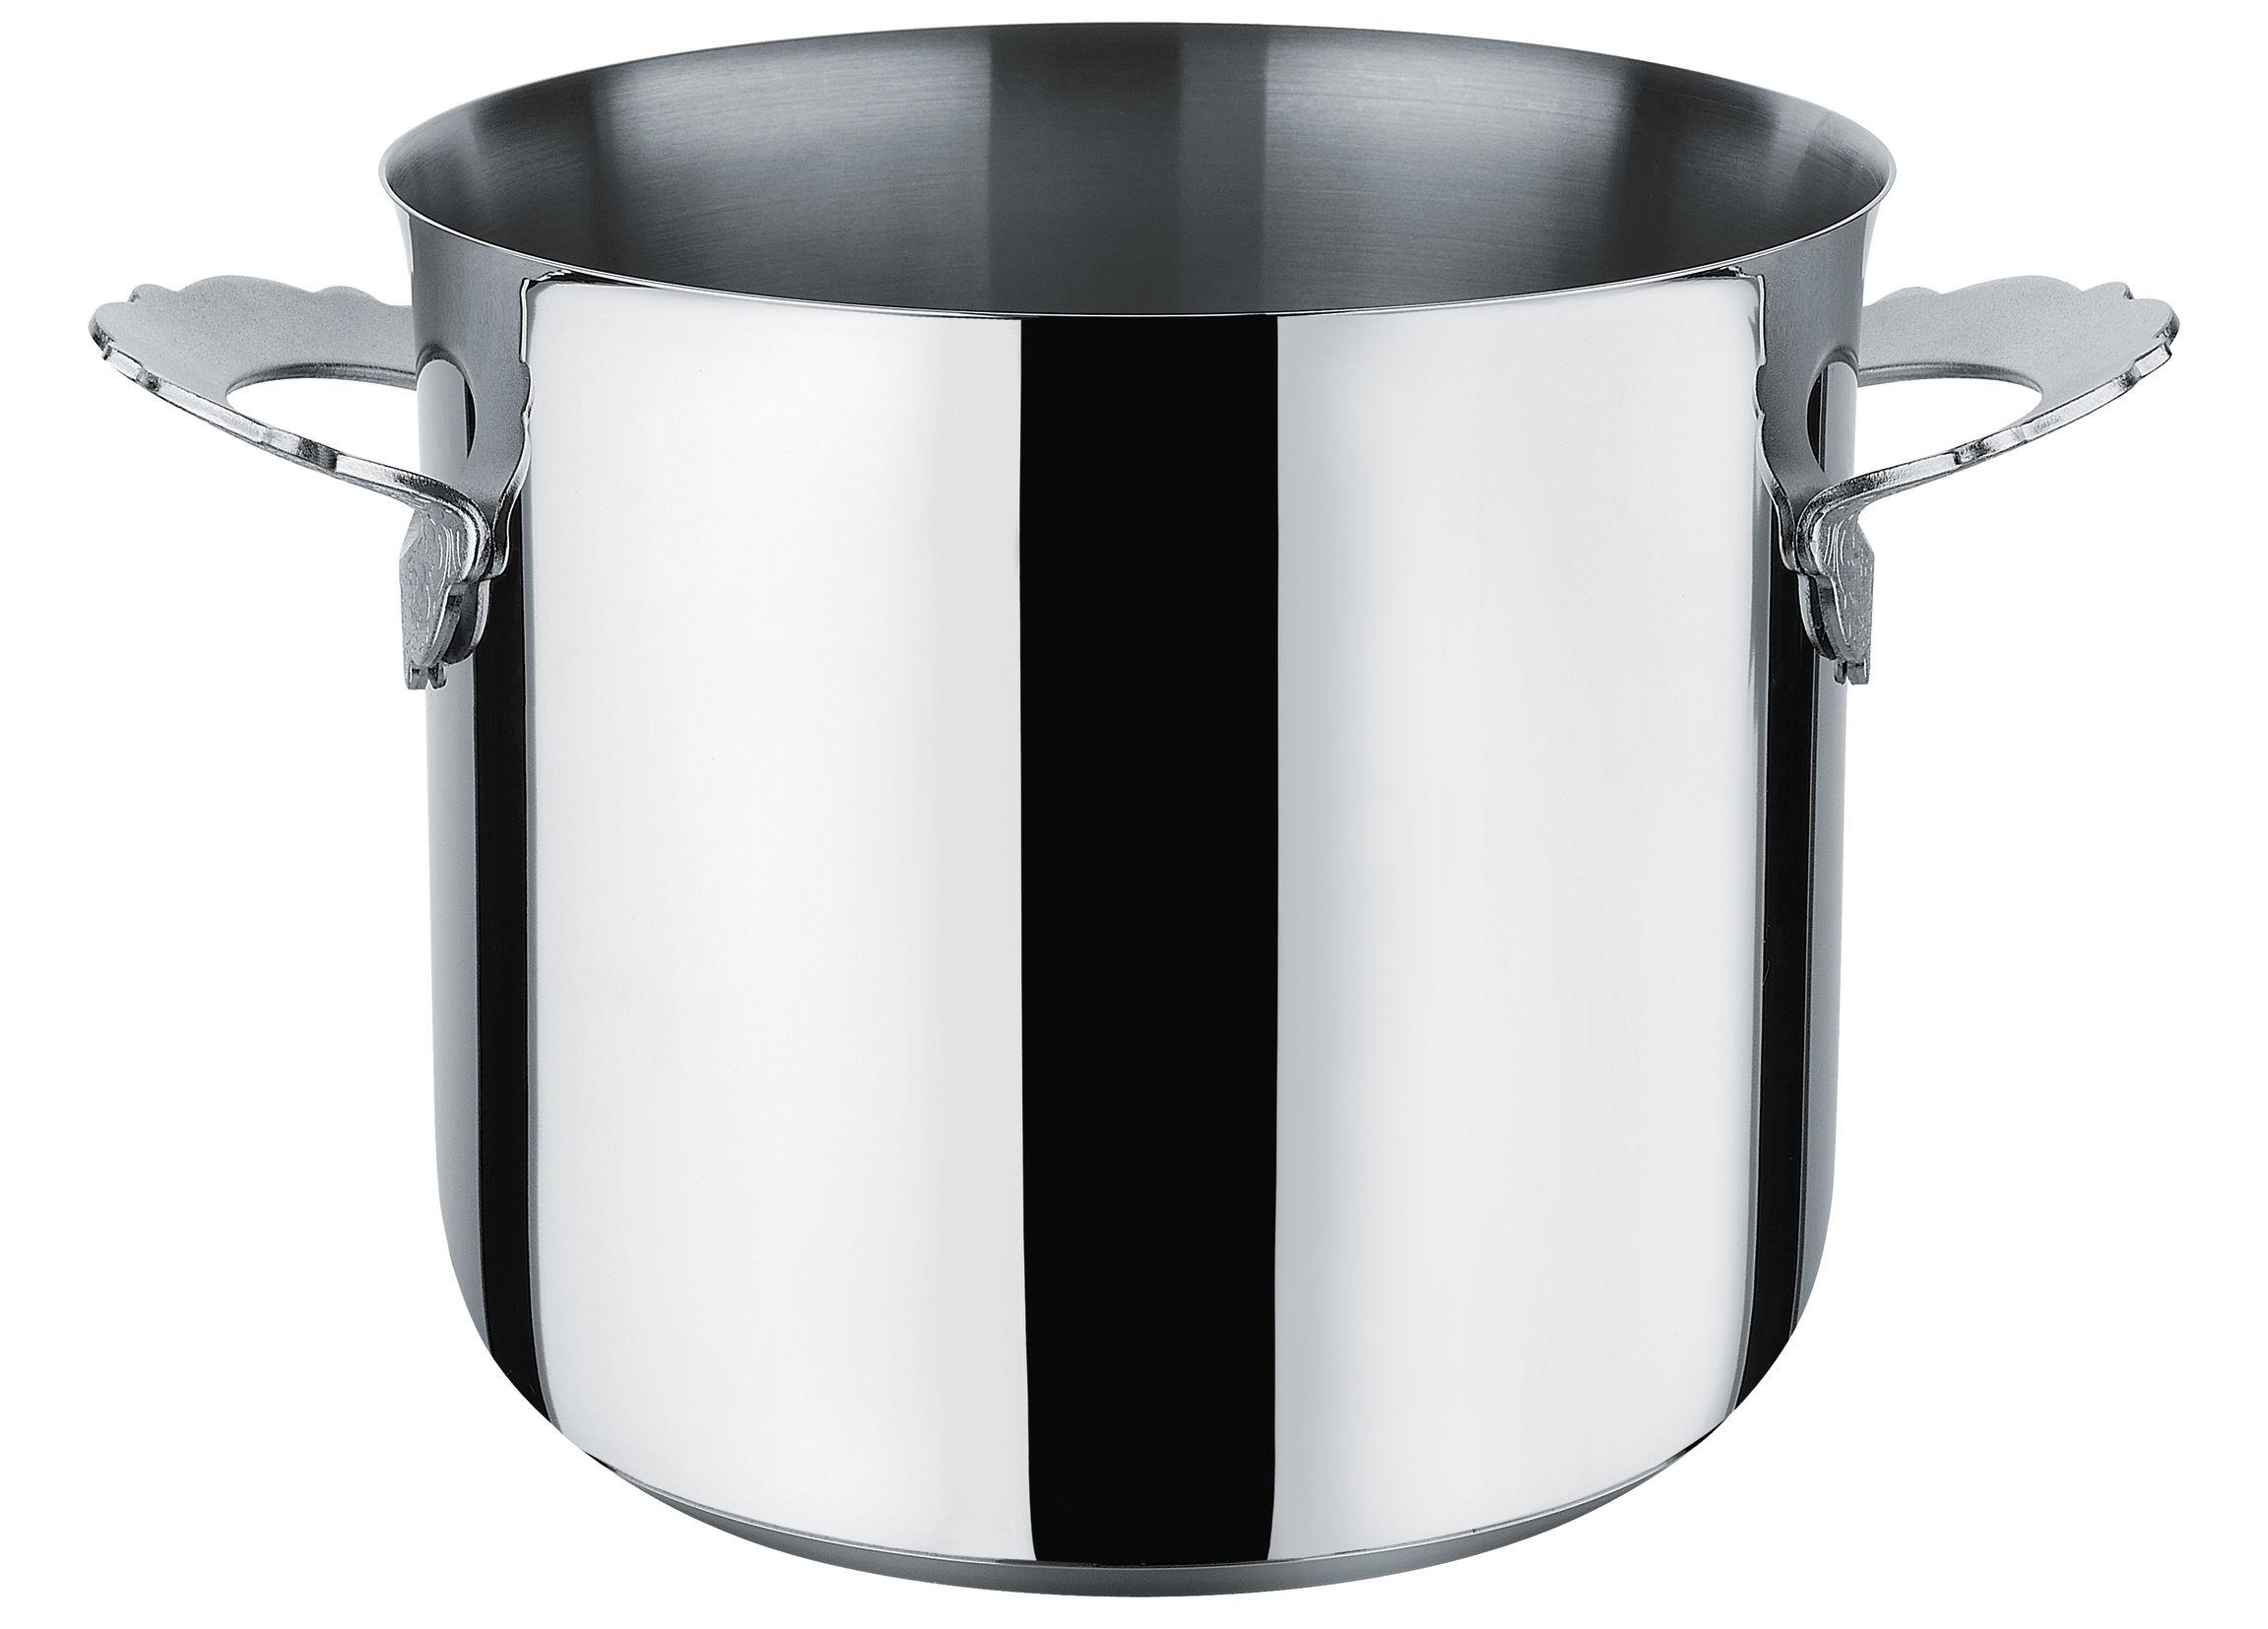 Cuisine - Casseroles, poêles, plats... - Marmite Dressed / Ø 20 cm - Alessi - Ø 20 cm / Acier brillant - Acier inoxydable 18/10